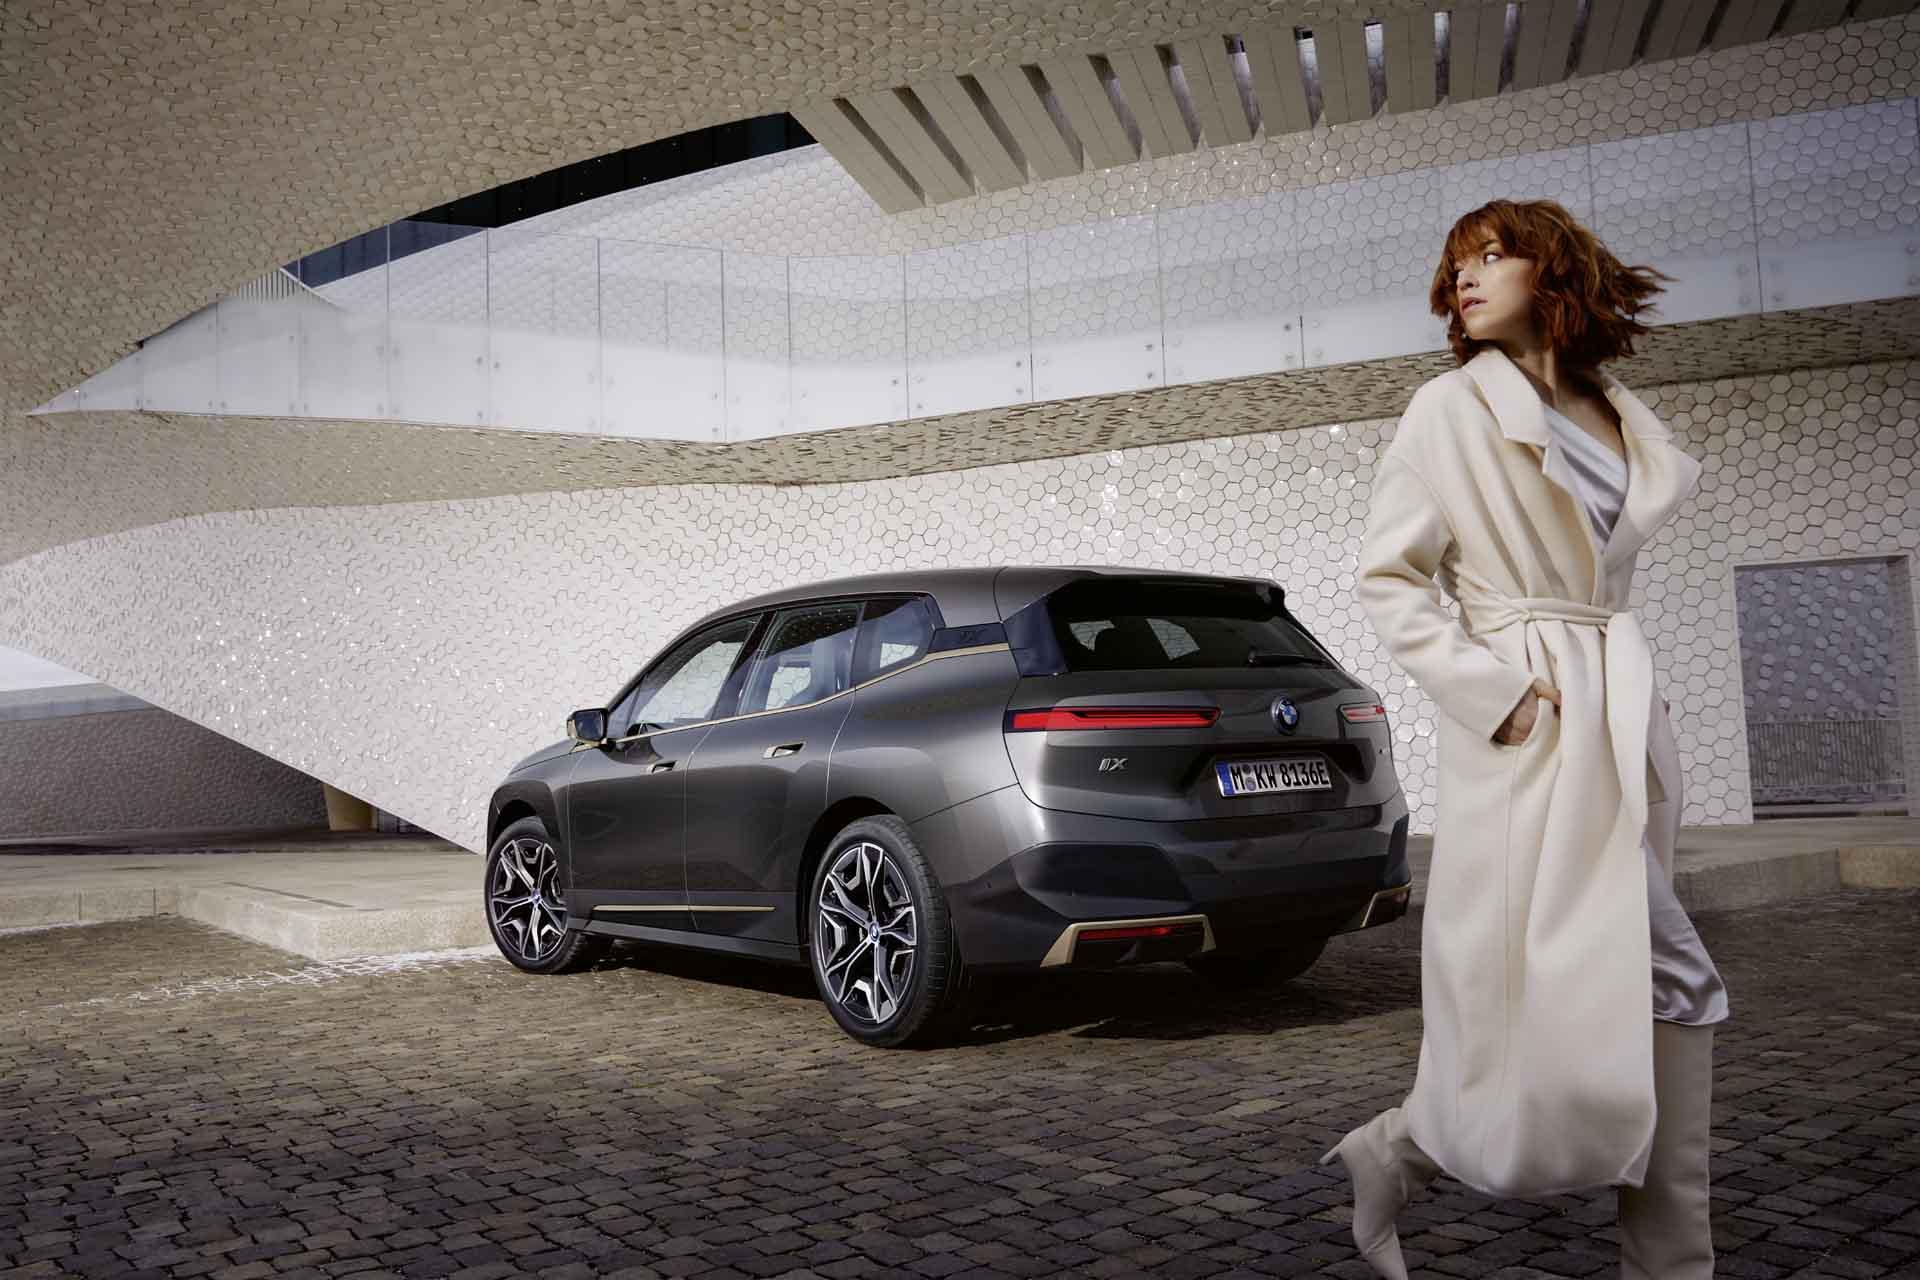 BMW iX 配備手機數位鑰匙 2.0 功能,車主只要 iPhone 放在身上,走近 iX 時就能直接解鎖並於上車後啟動車輛。